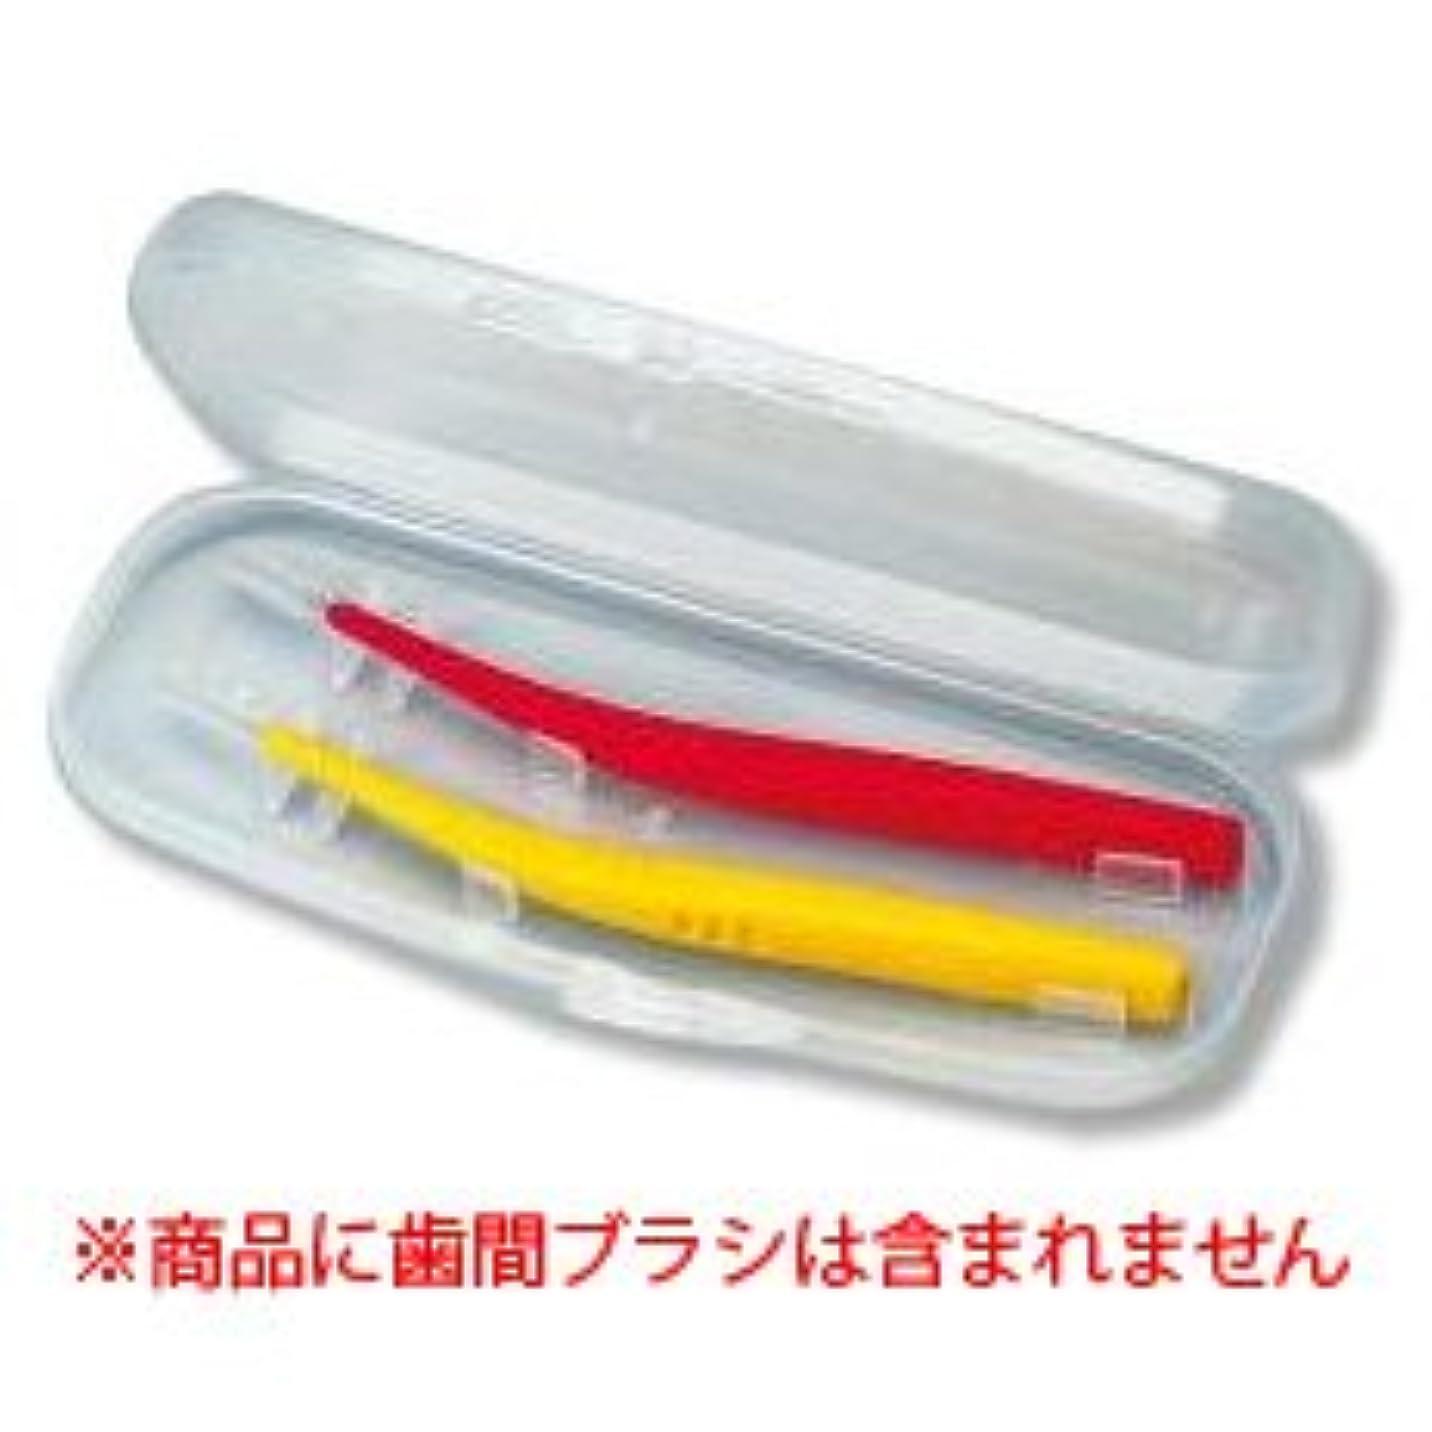 鳴らす勝利した反射【ジーシー(GC)】【歯科用】プロスペック歯間ブラシ カーブ ケース 10パック【歯間ブラシケース】